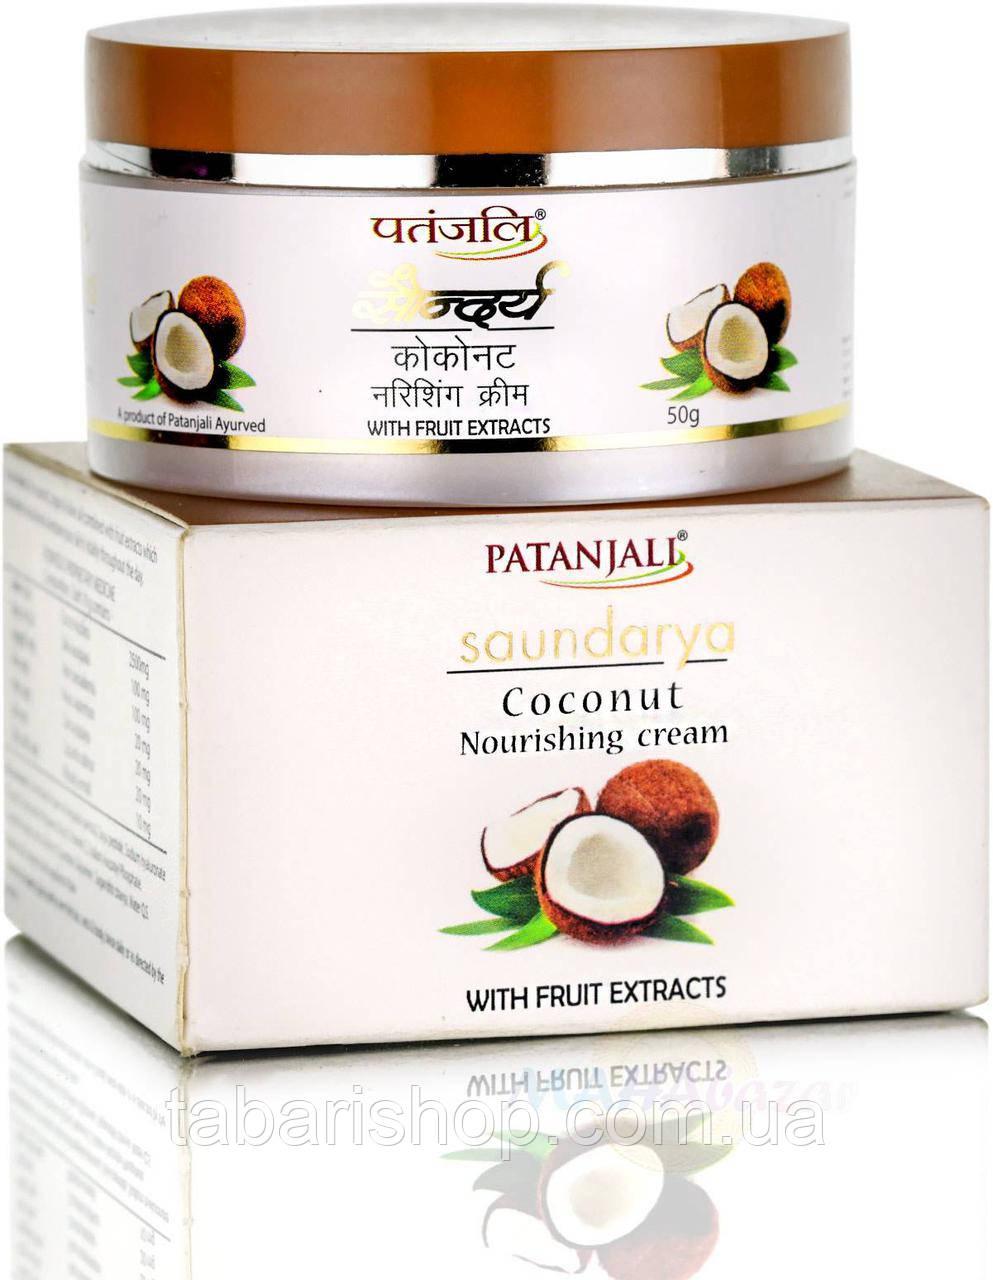 Крем для лица Саундарья с кокосом, Saundarya Сoconut Nourishing cream Patanjali, 50г